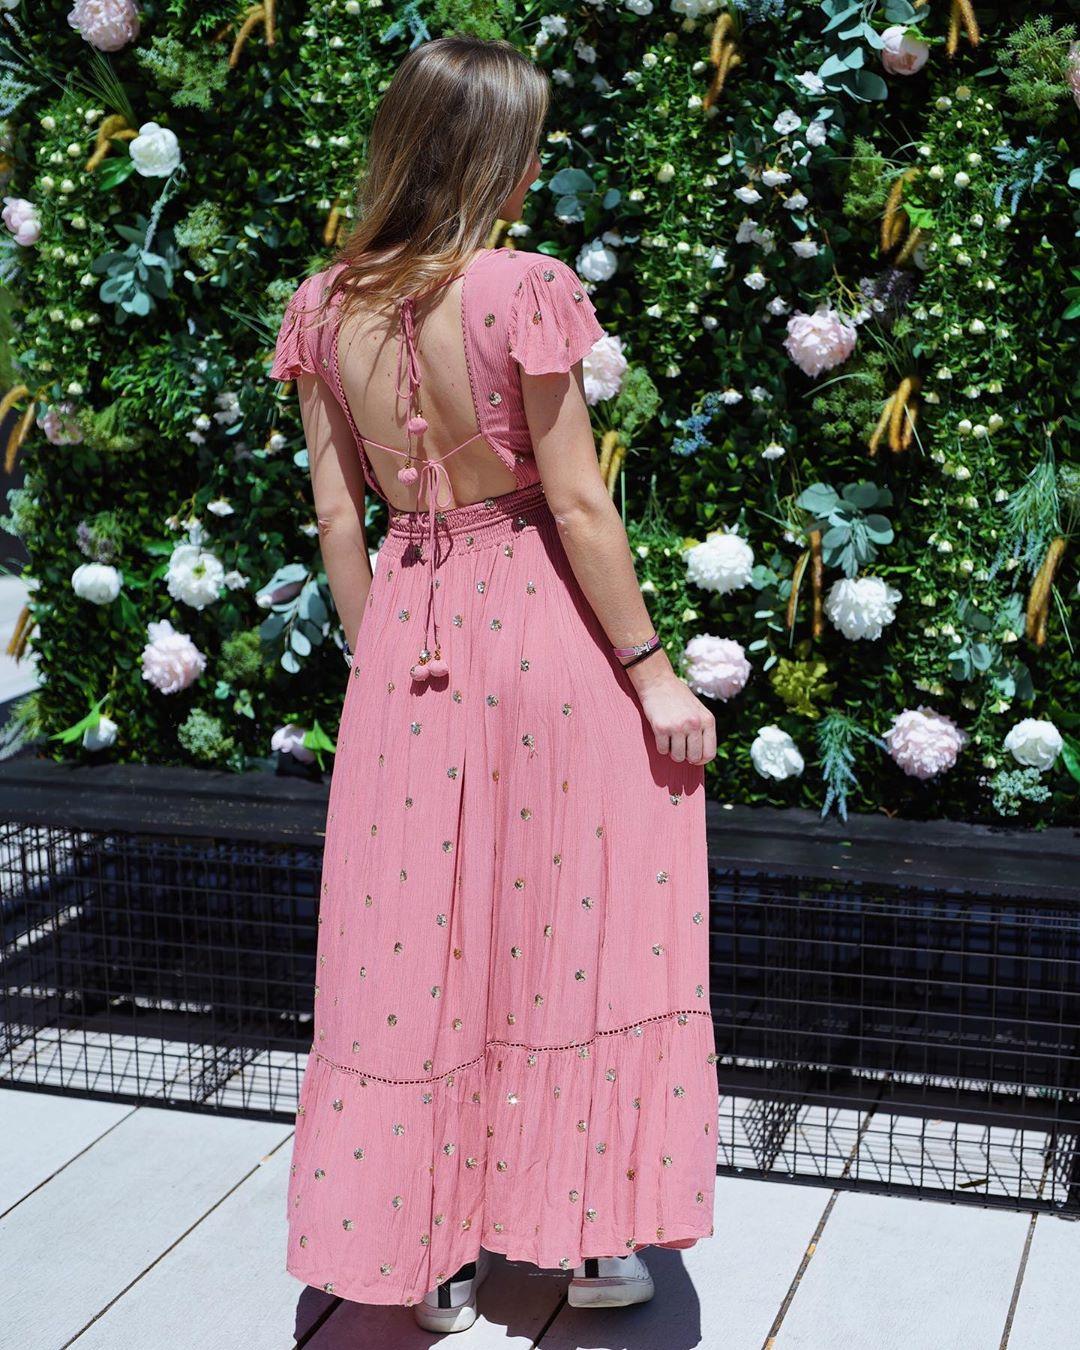 robe vieux rose a sequins de Les Bourgeoises sur lesbourgeoisesofficiel